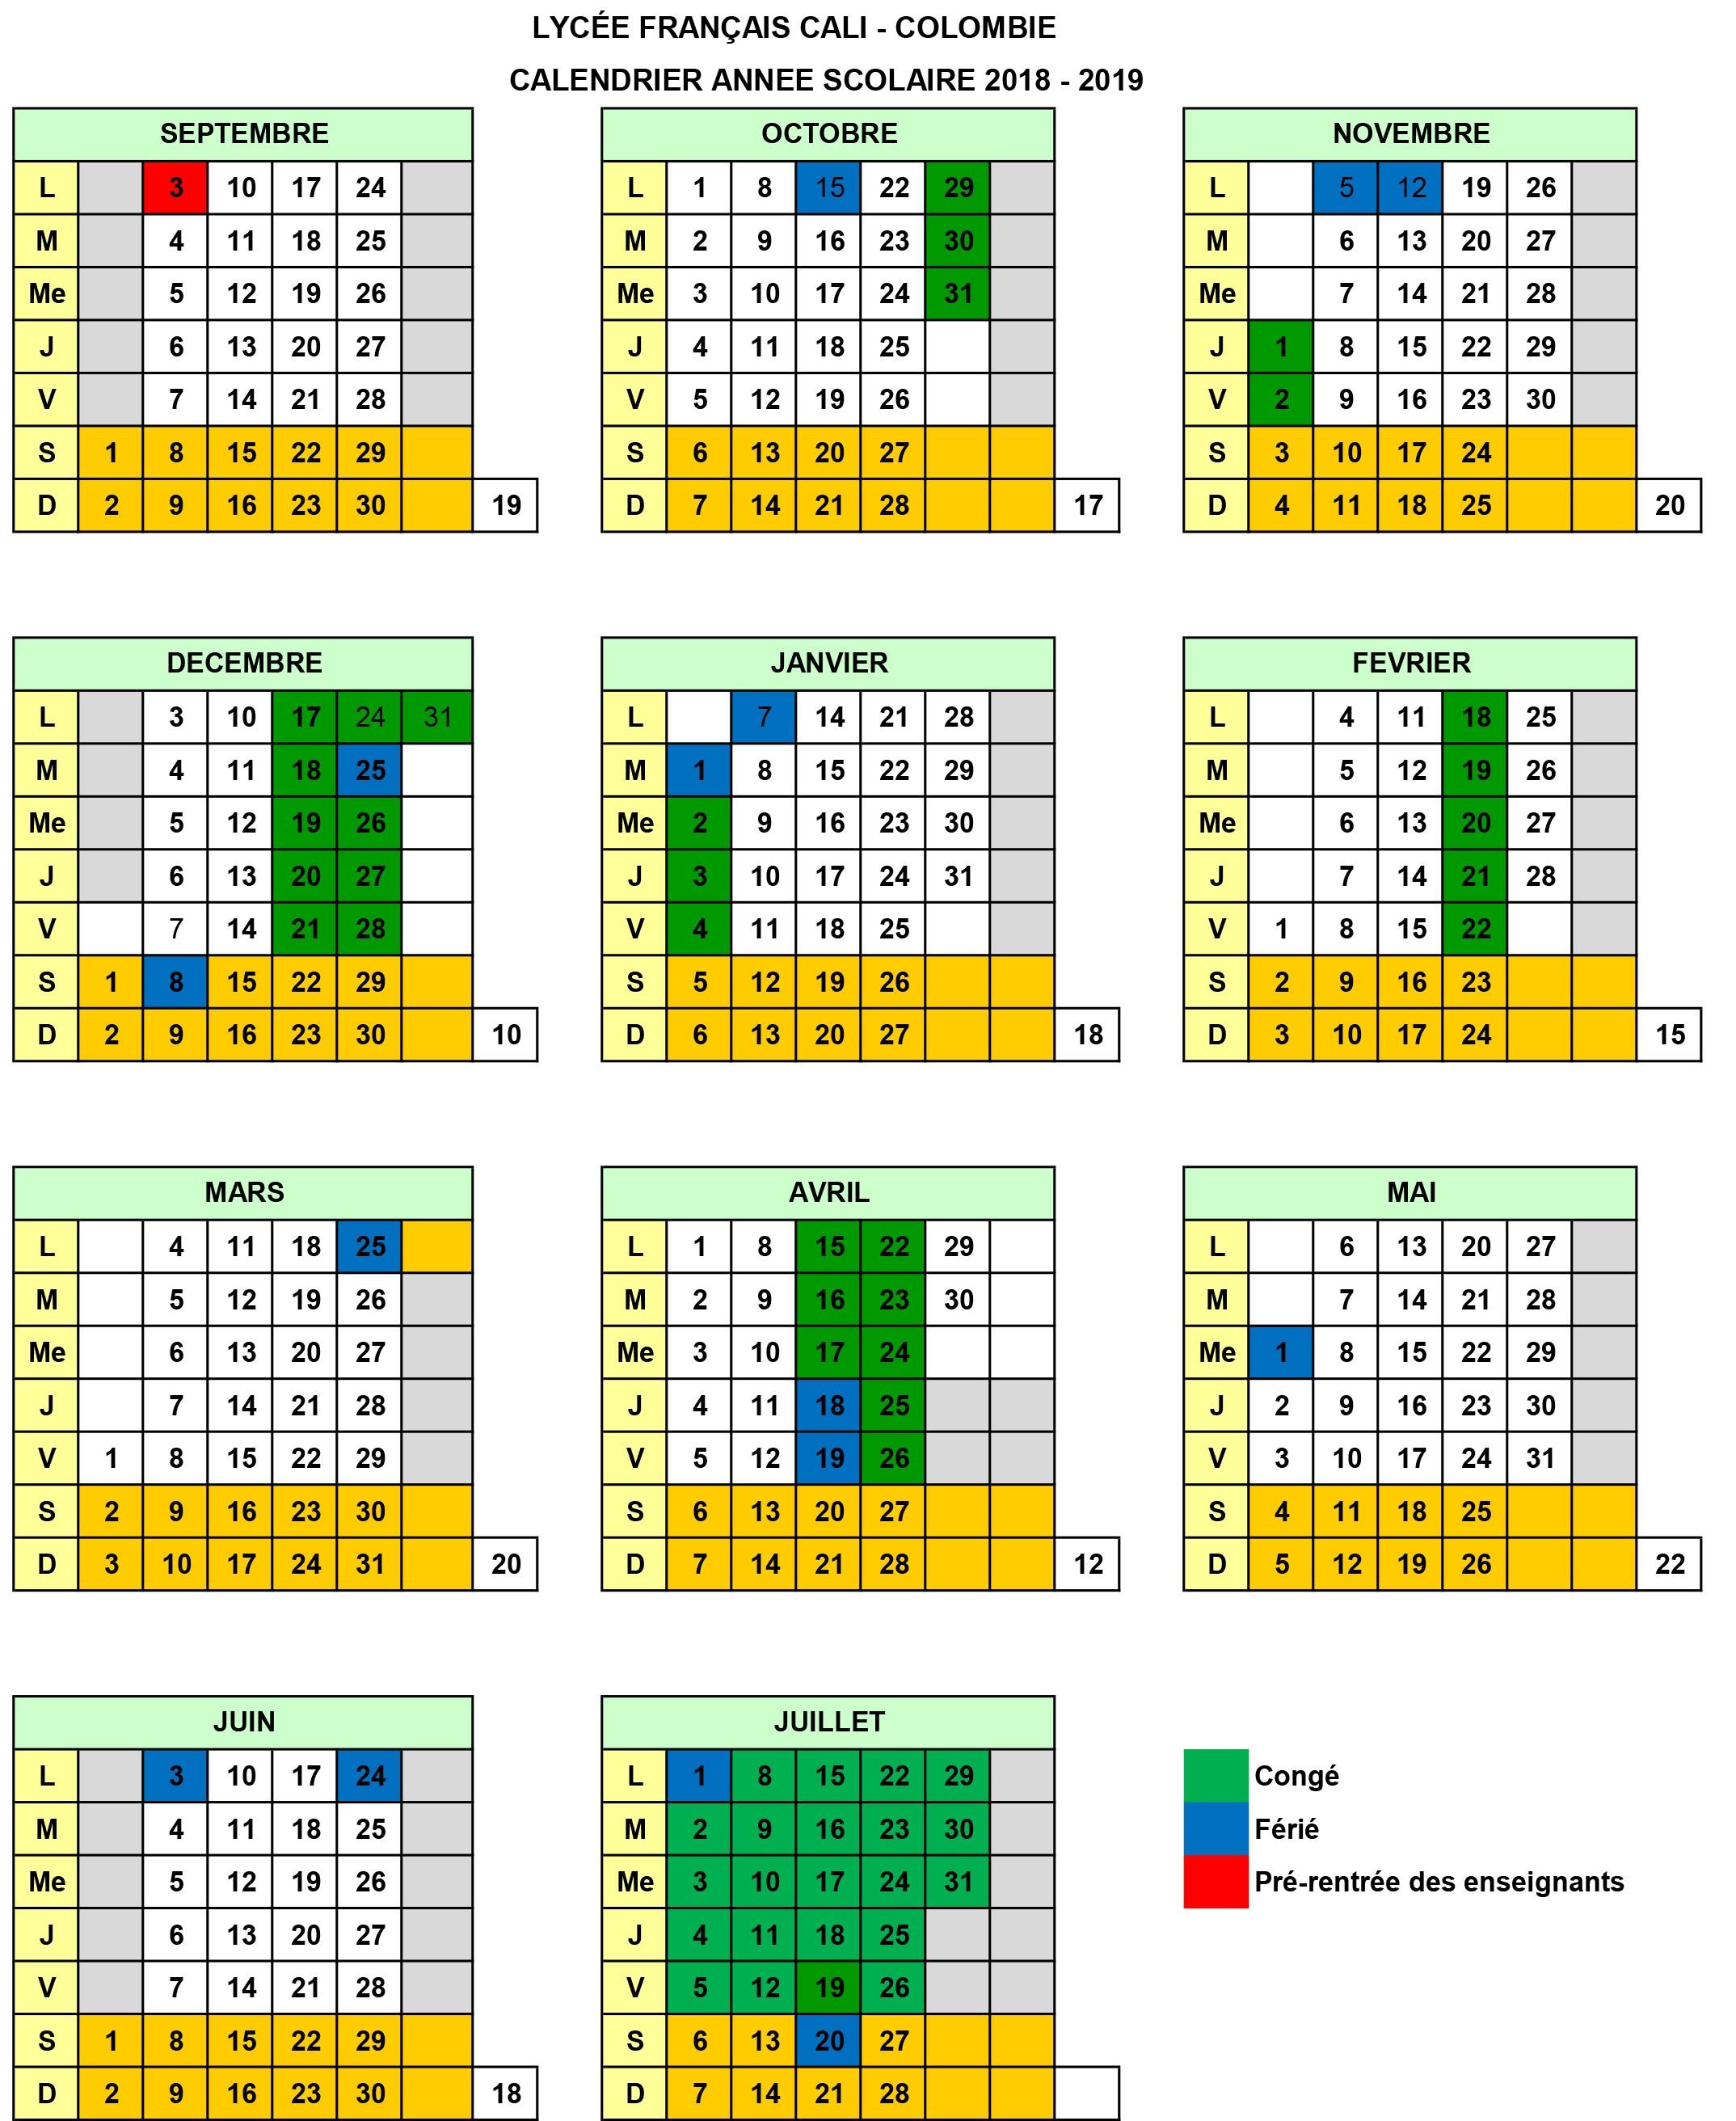 Calendario 2019 Para Imprimir Chile Gratis Actual Resultado De Imagen Para Almanaque 2018 Cumple Samuel Of Calendario 2019 Para Imprimir Chile Gratis Actual Best Calendario Septiembre 2015 Para Imprimir Image Collection